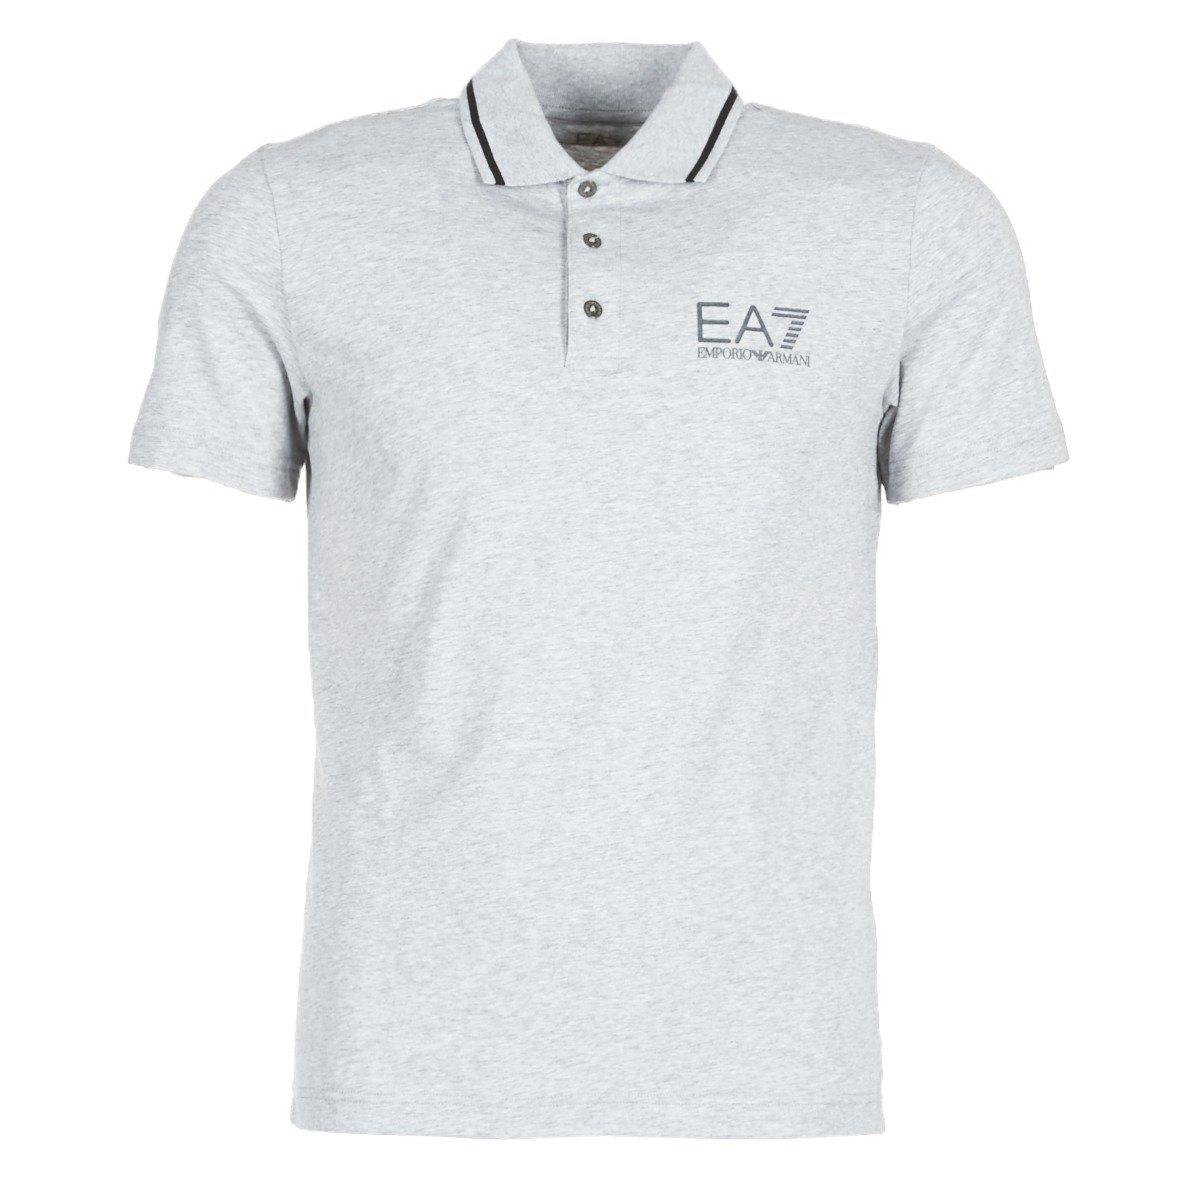 EA7 Train Core ID Polo Shirt